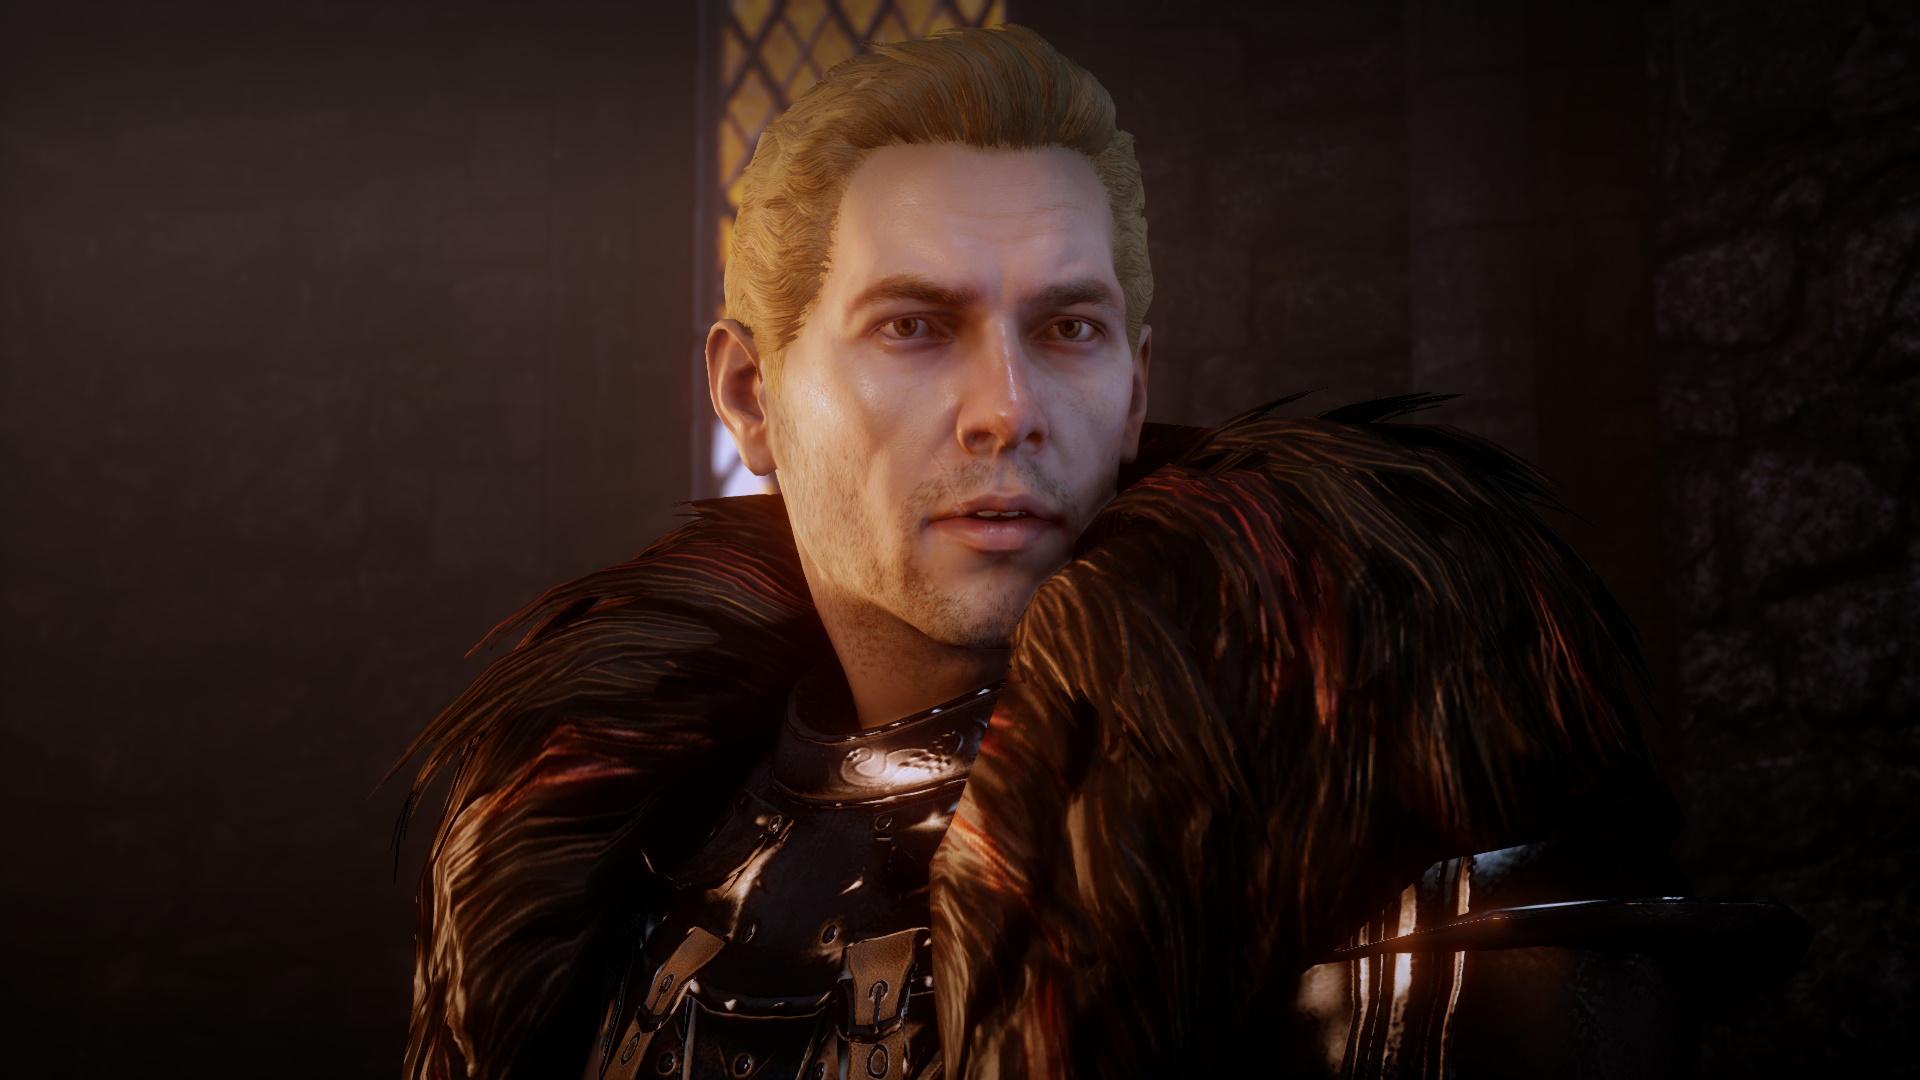 Актёр озвучки Dragon Age назвал продюсера серии нелояльным и двуличным